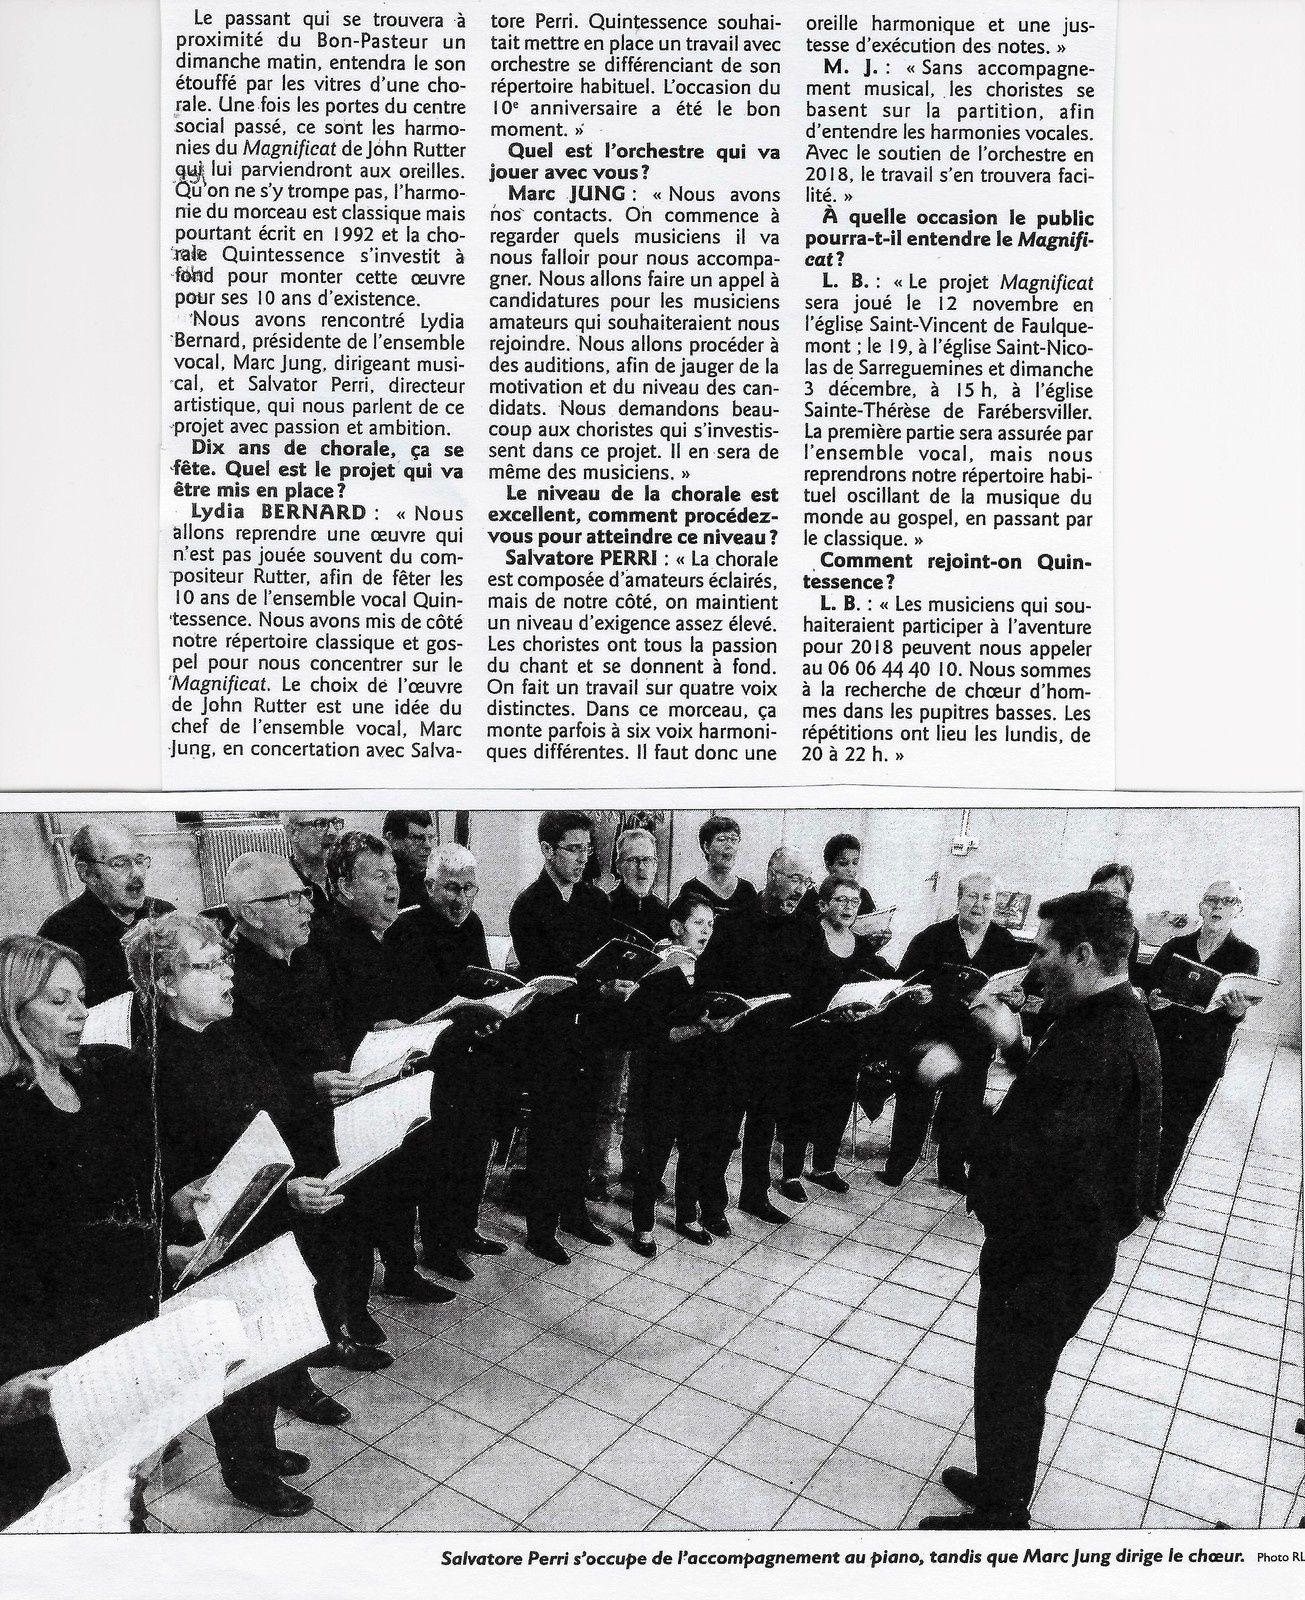 REVUE DE PRESSE, R.L. du 20 septembre 2017